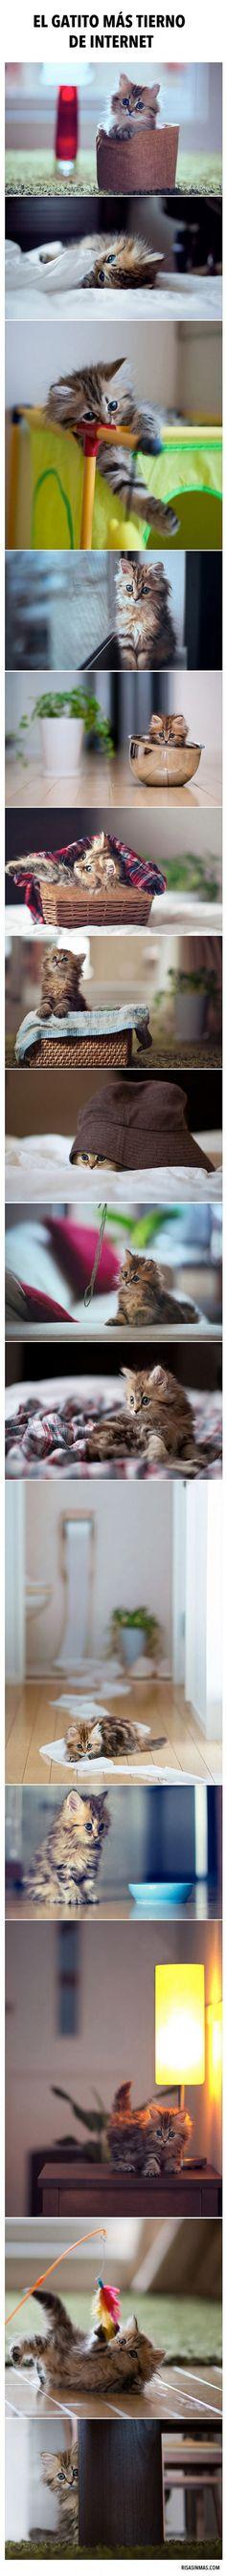 El gatito más tierno de Internet